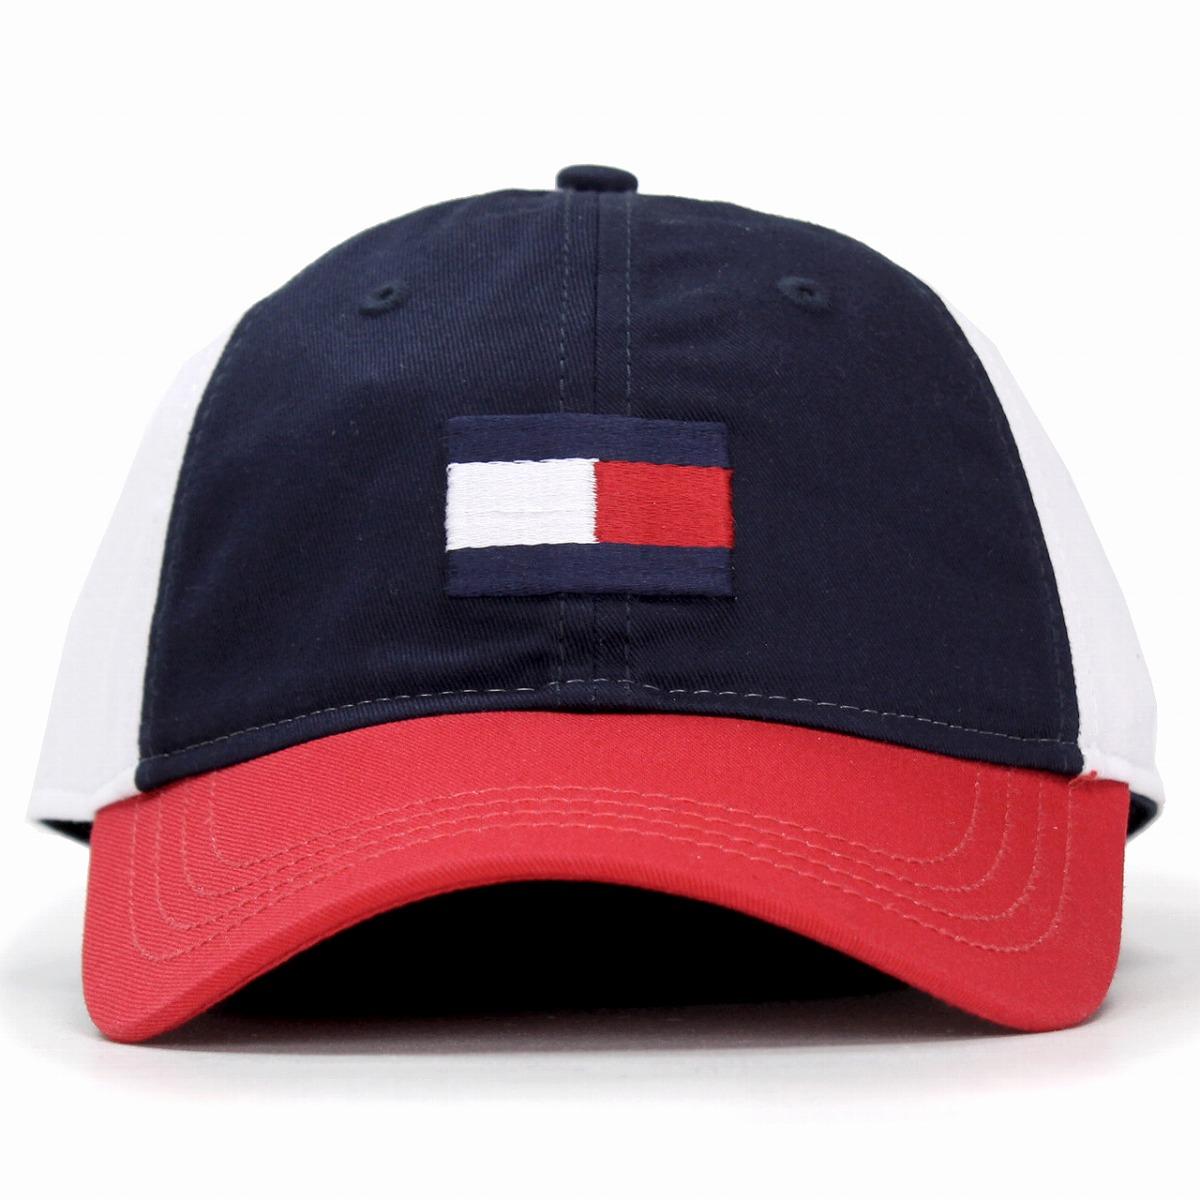 34f8f01bfbbda Navy. A category Cap. トミーヒルフィガーベースボールキャップ ALINGHI CAP Tommy Hilfiger casual cap  men ...